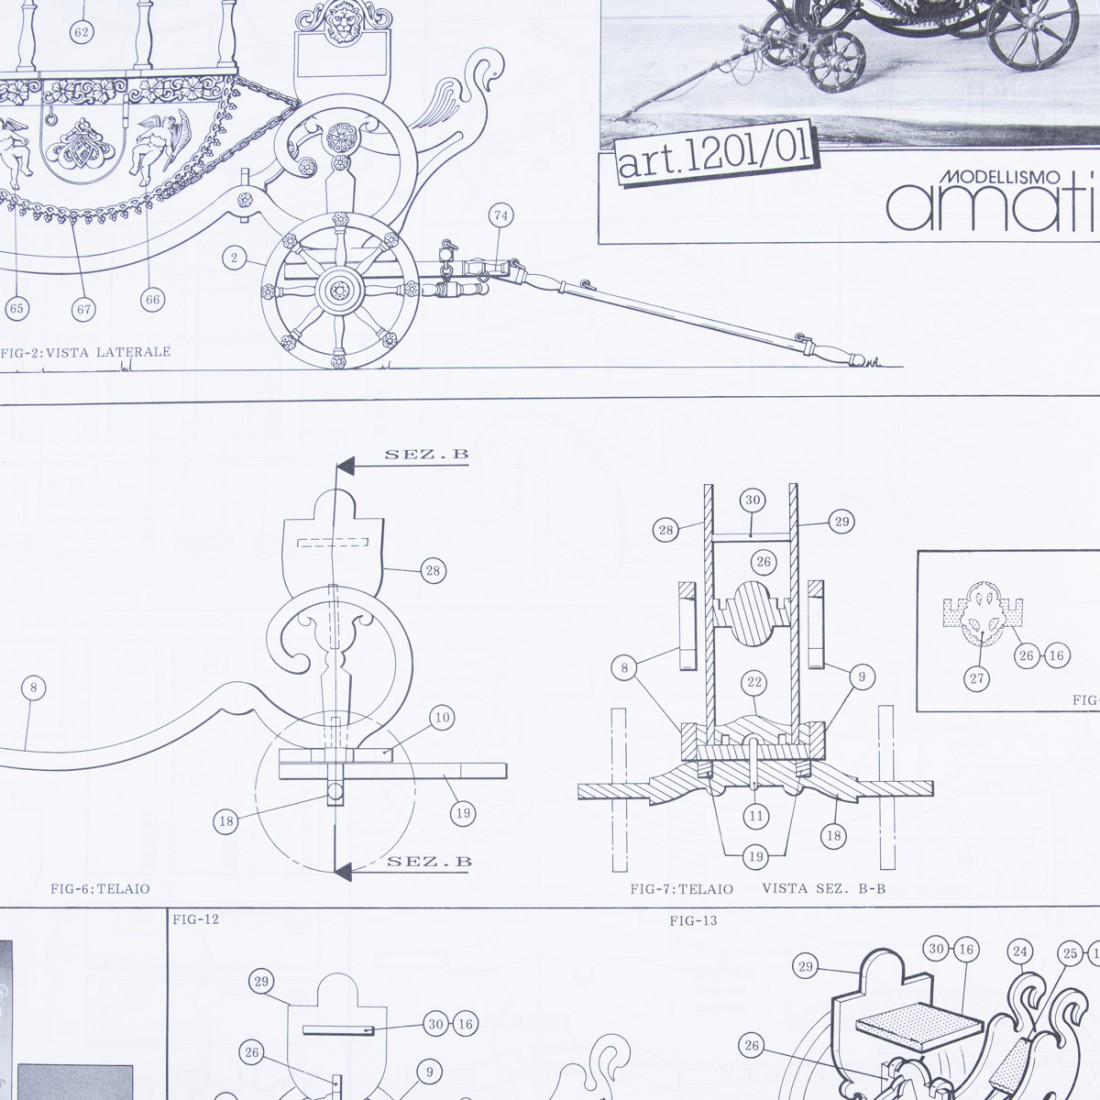 Piano costruzione Carrozza Ducale